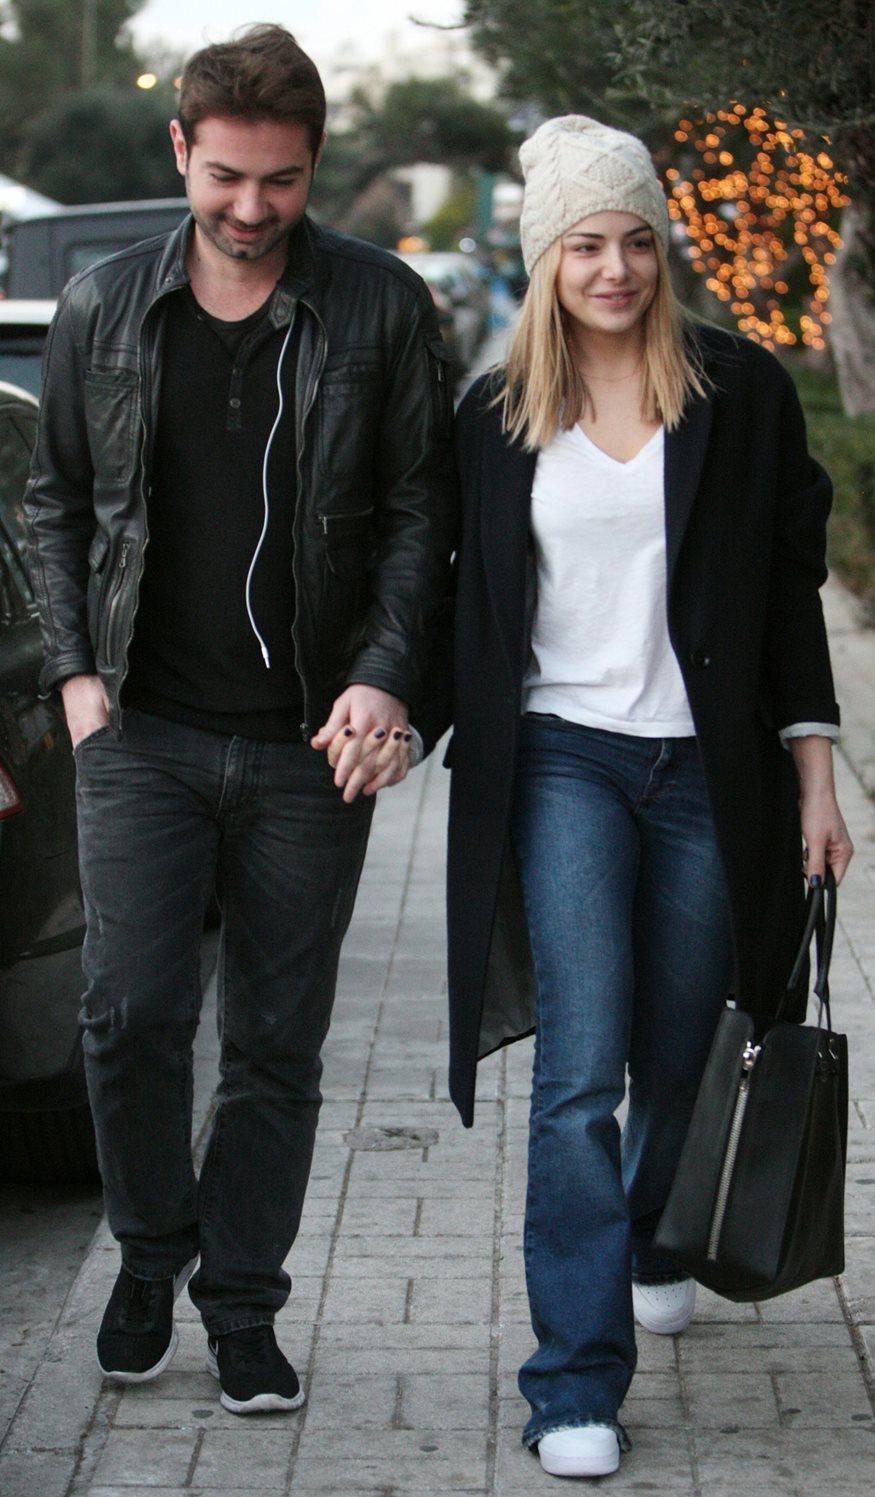 Αυτό δεν το περιμέναμε: Πασίγνωστο ζευγάρι της ελληνικής showbiz είναι και πάλι μαζί!